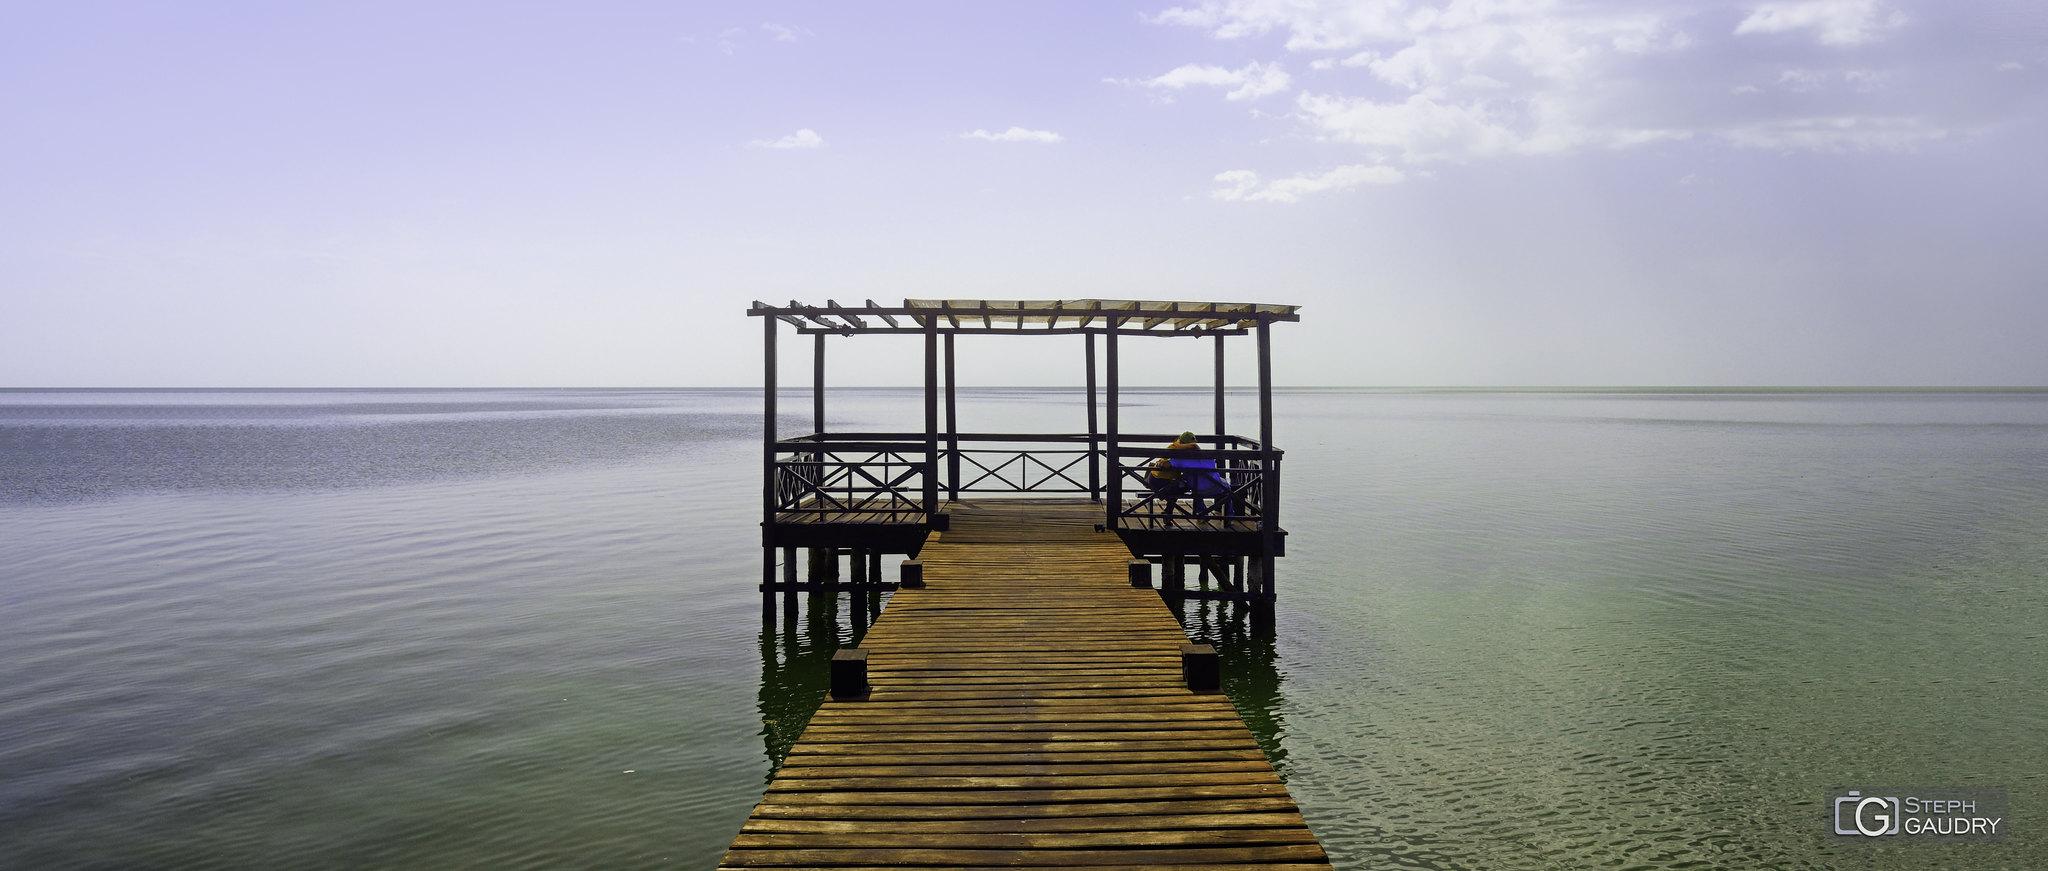 Quiétude - le ponton de Champotón [Cliquez pour lancer le diaporama]